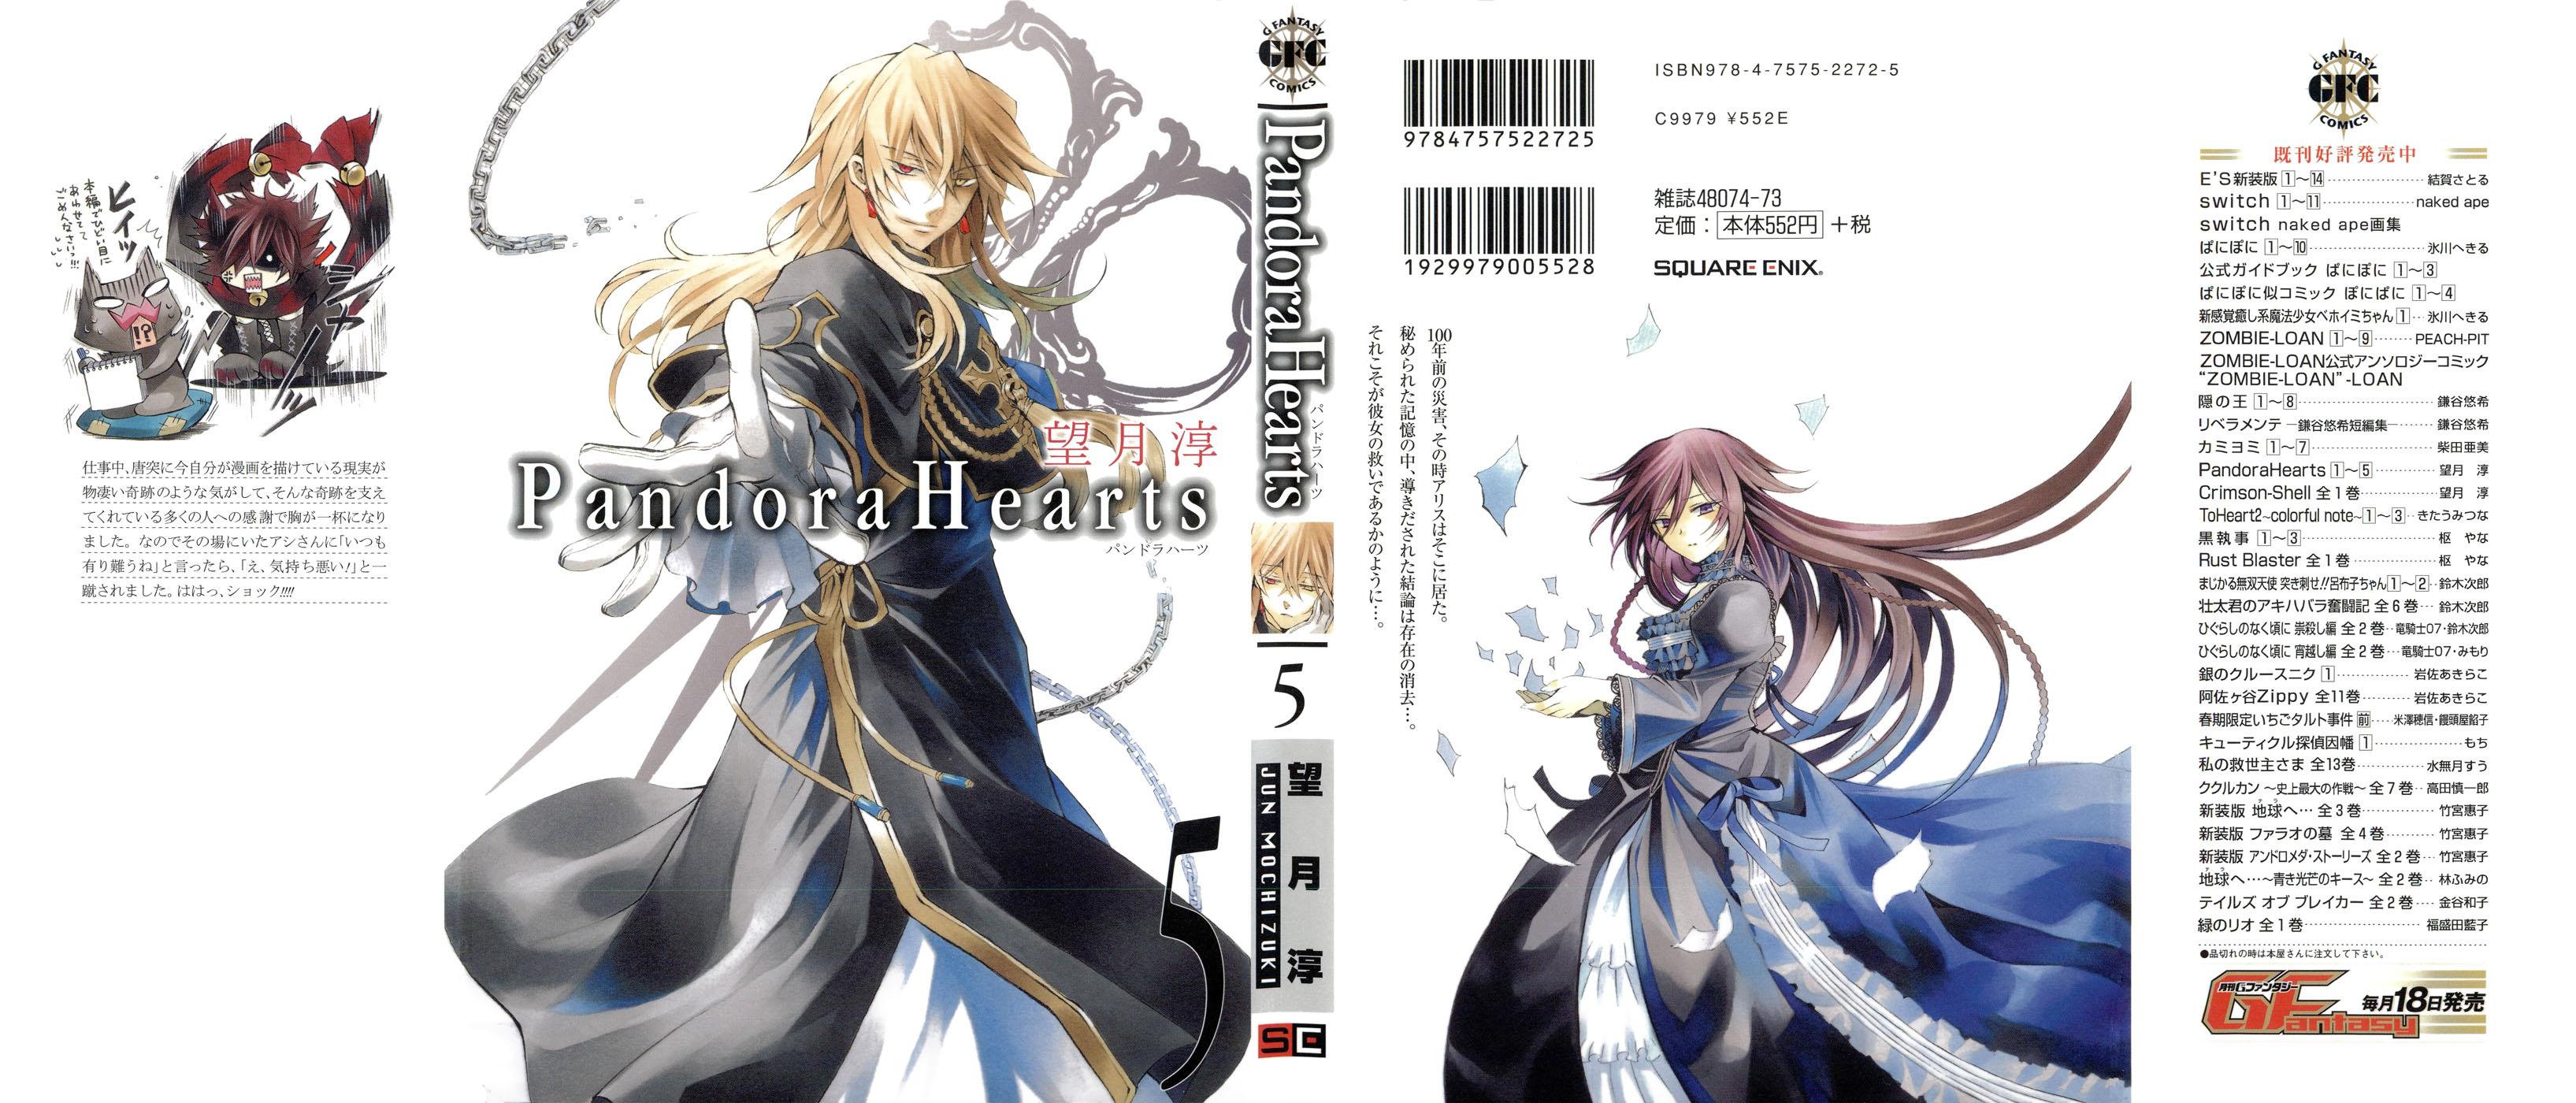 Manga pandora hearts - chapter 22 - page 14